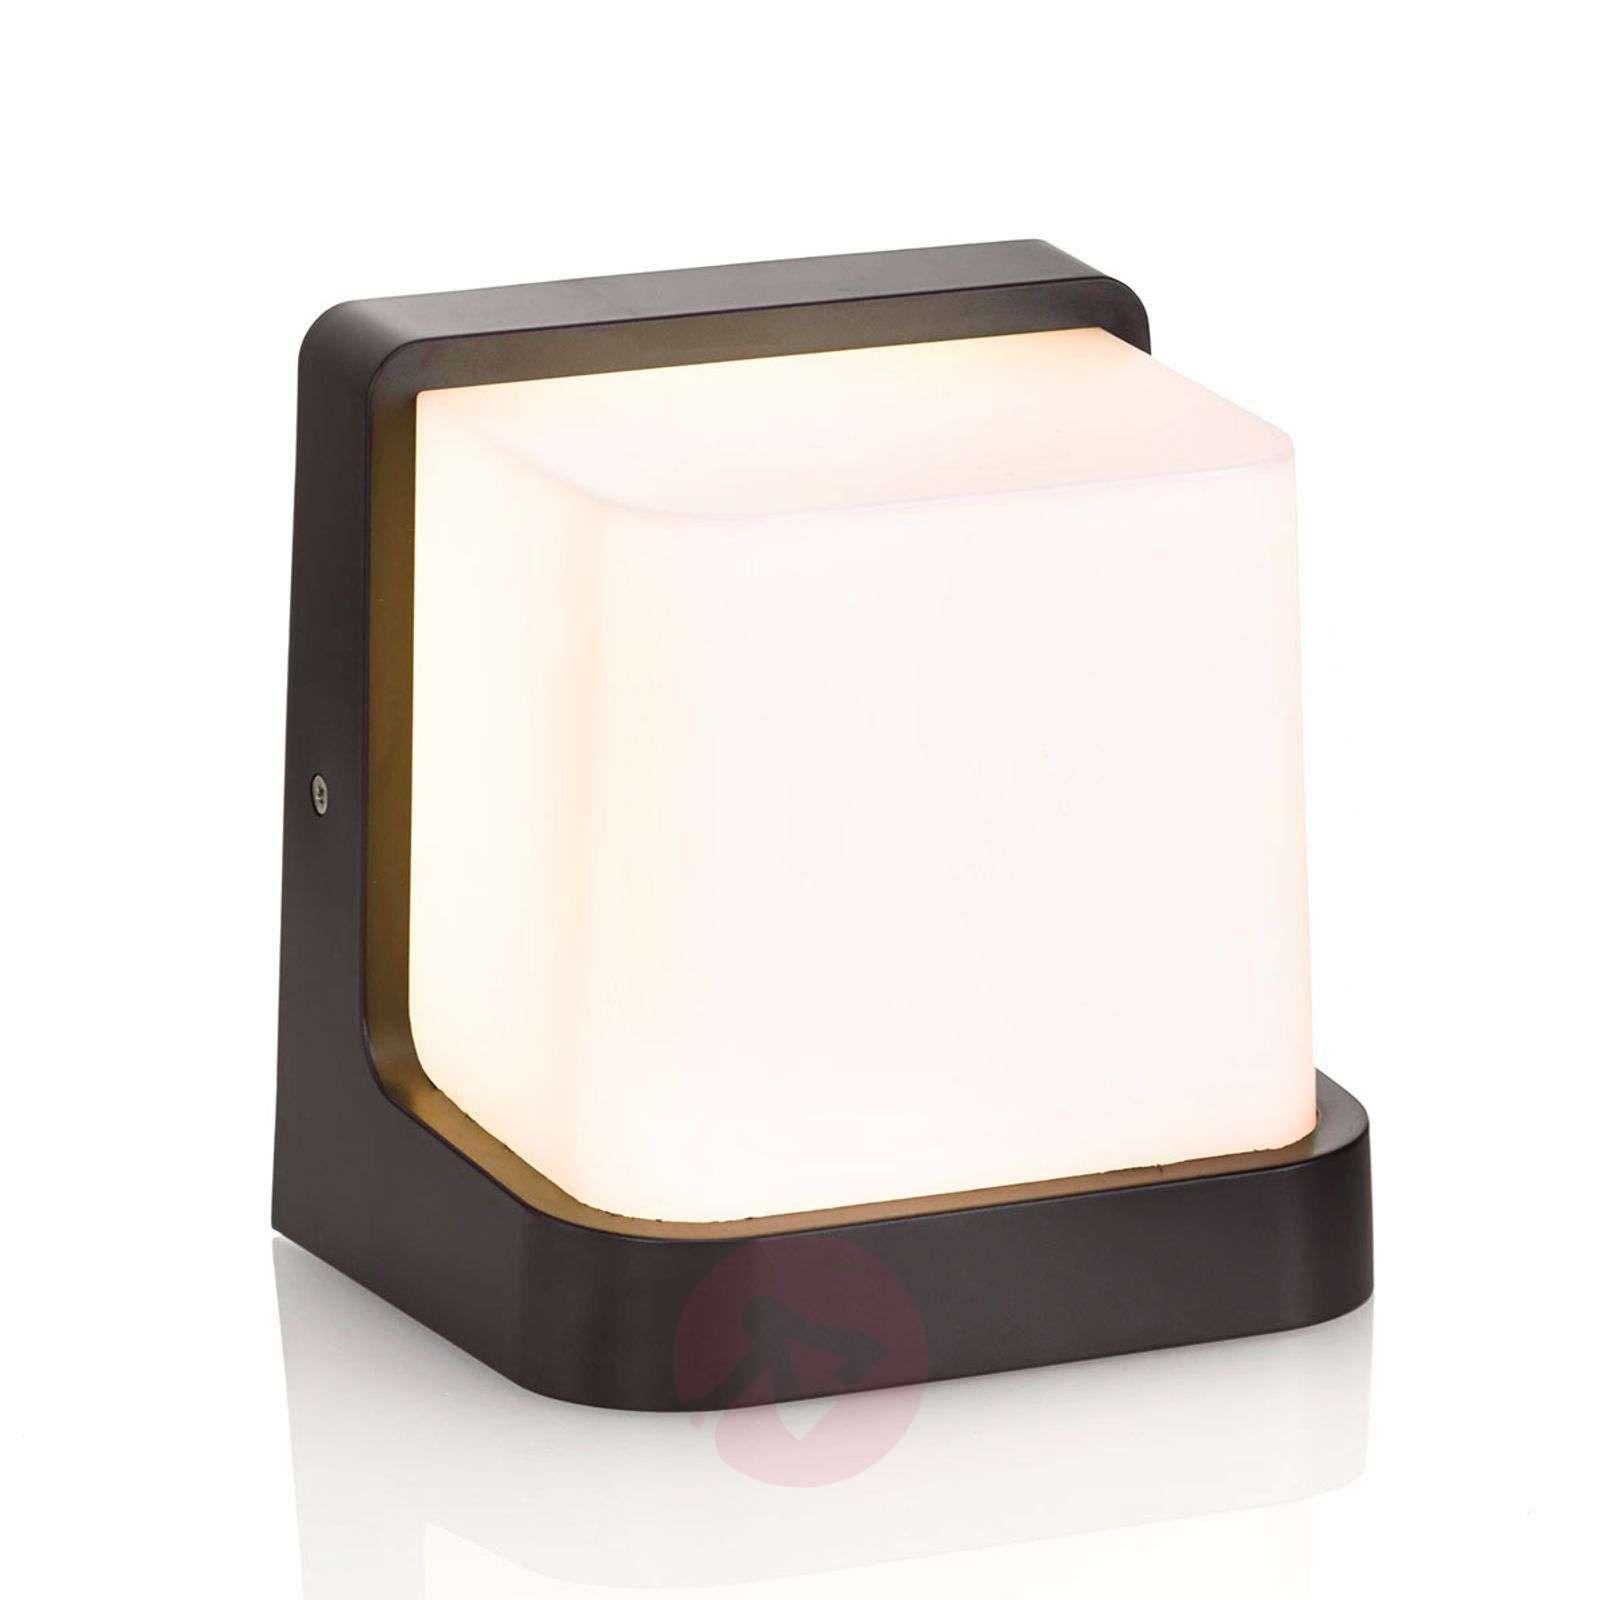 LED-ulkoseinälamppu Adenike ilman anturia-9949048-02